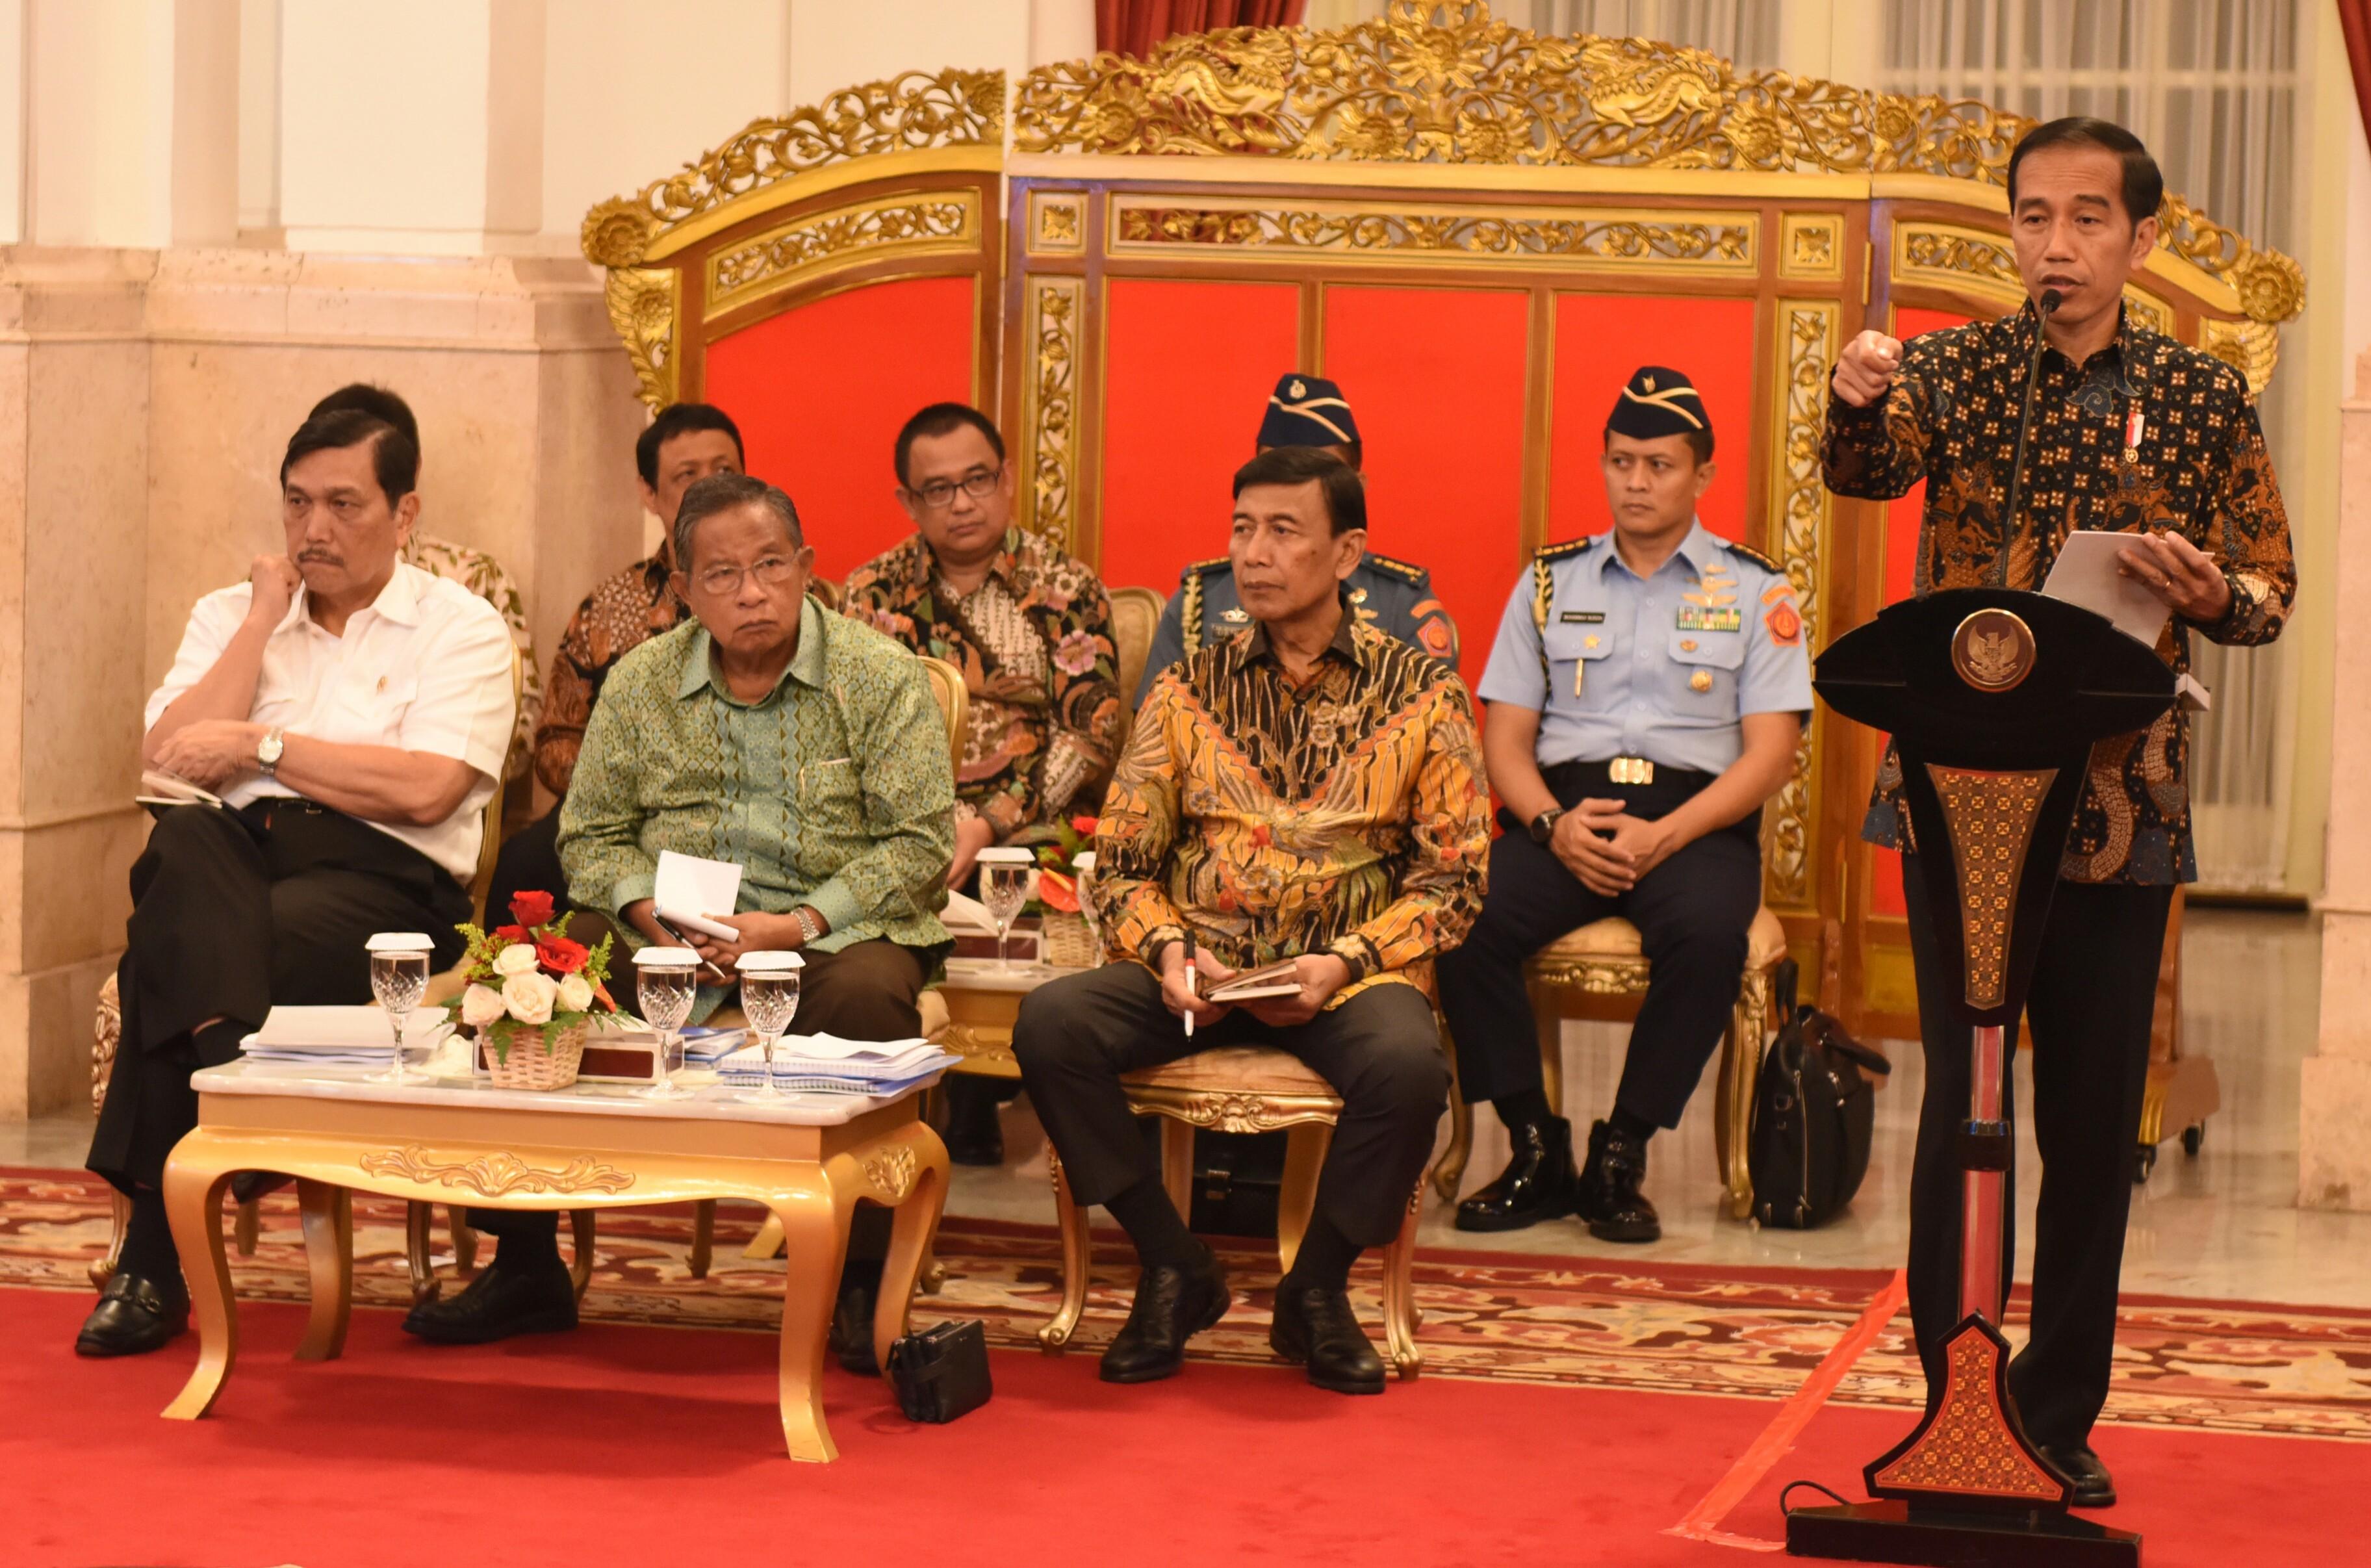 Presiden Jokowi saat memberikan pengantar pada Sidang Kabinet Paripurna, di Istana Negara, Jakarta, Selasa (4/4). (Foto: Humas/Rahmat)